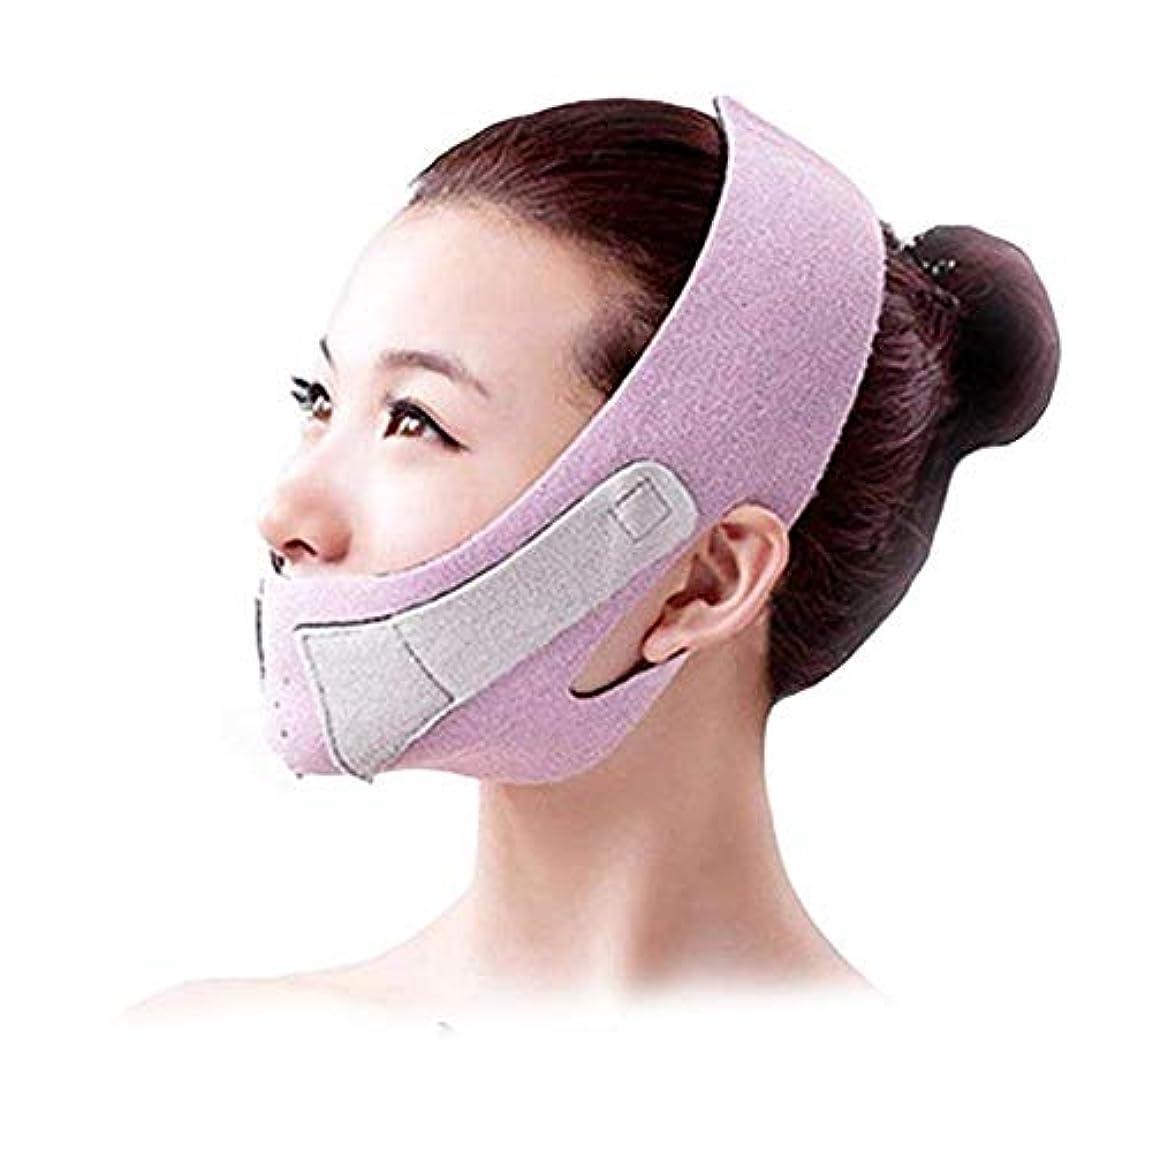 責め許容できるサポート小顔 矯正 補正 顔 リフトアップ ベルト サウナ マスク サポーター エステ ダイエット